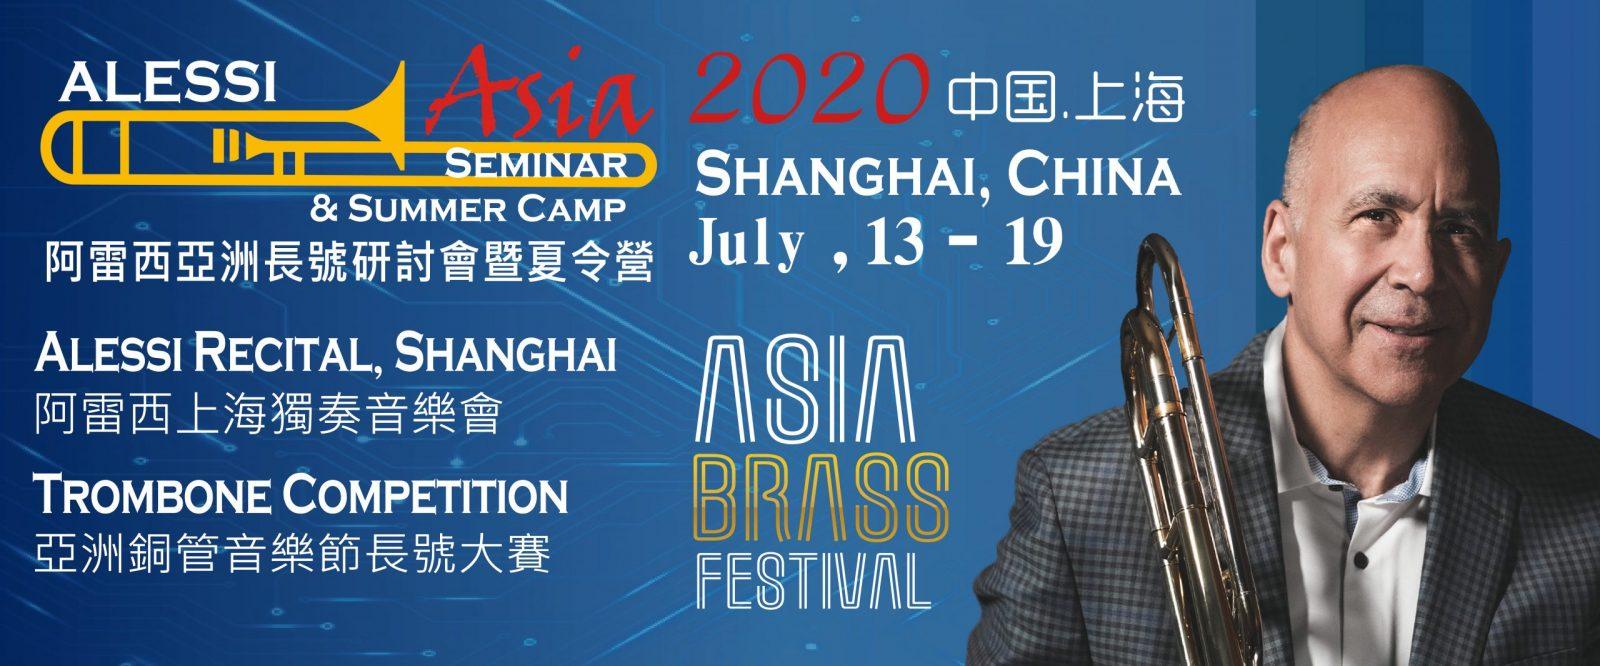 点击前往 2020年 亚洲铜管音乐节